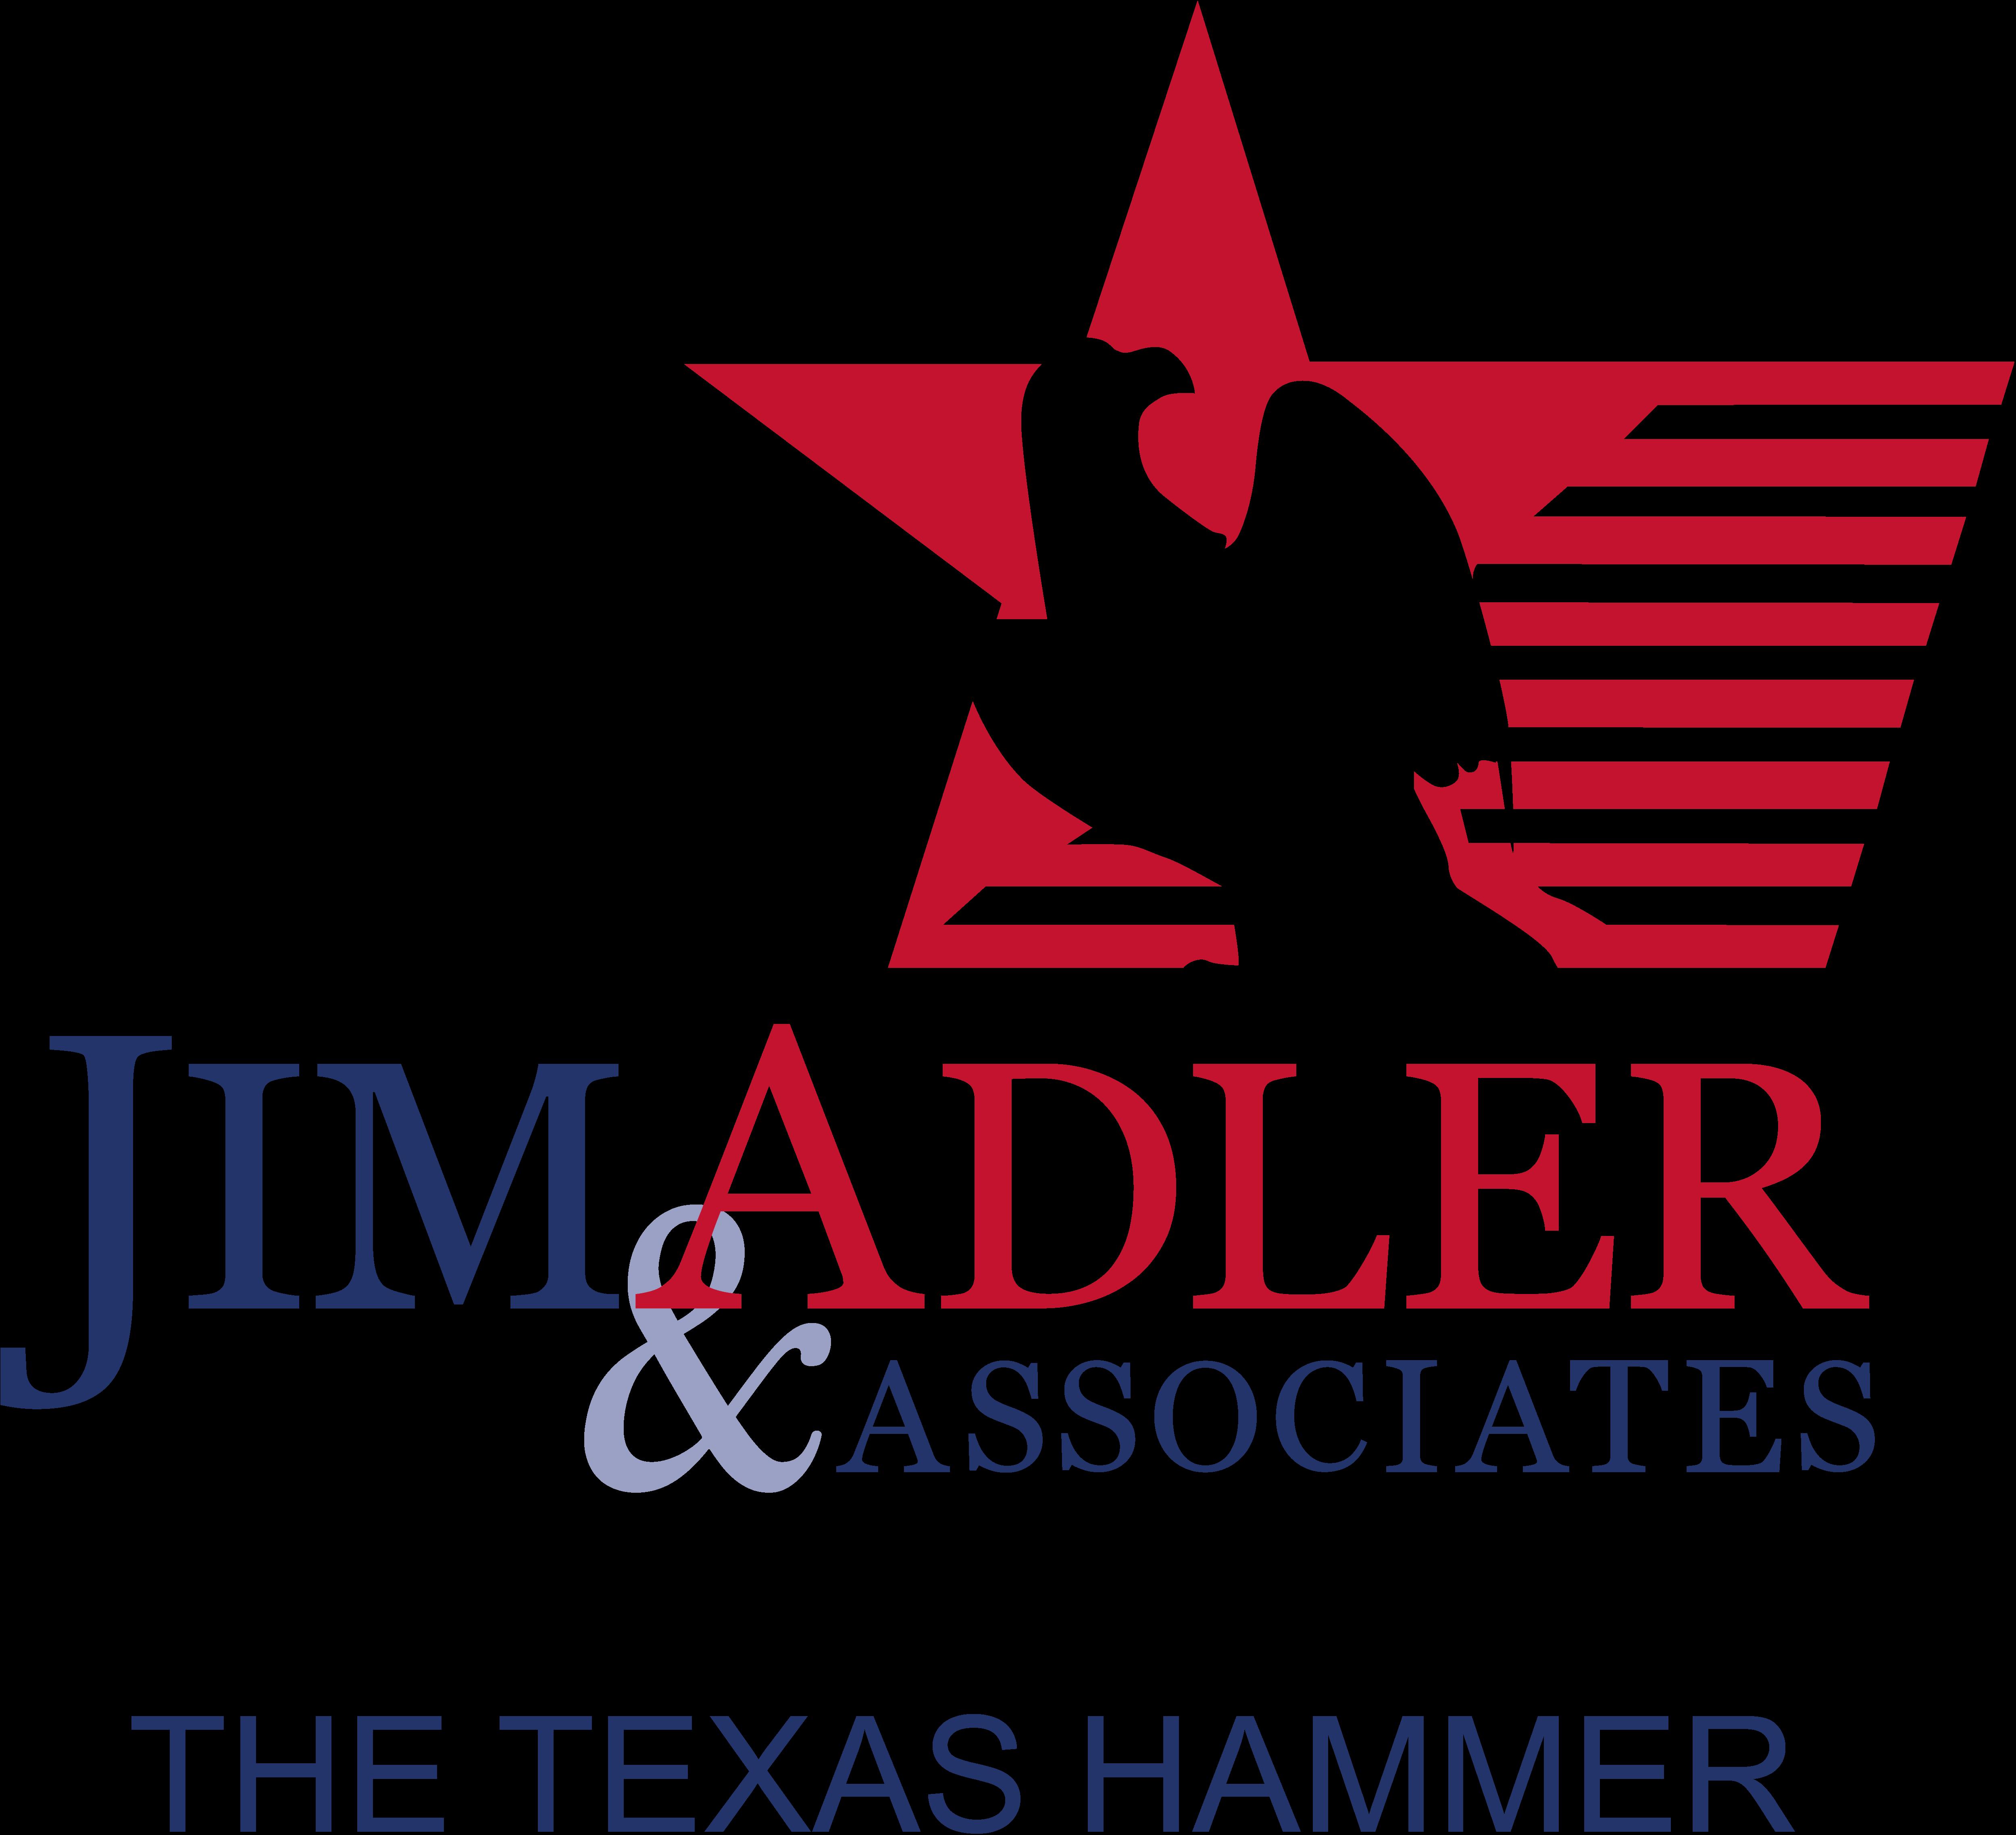 Jim S. Adler & Associates